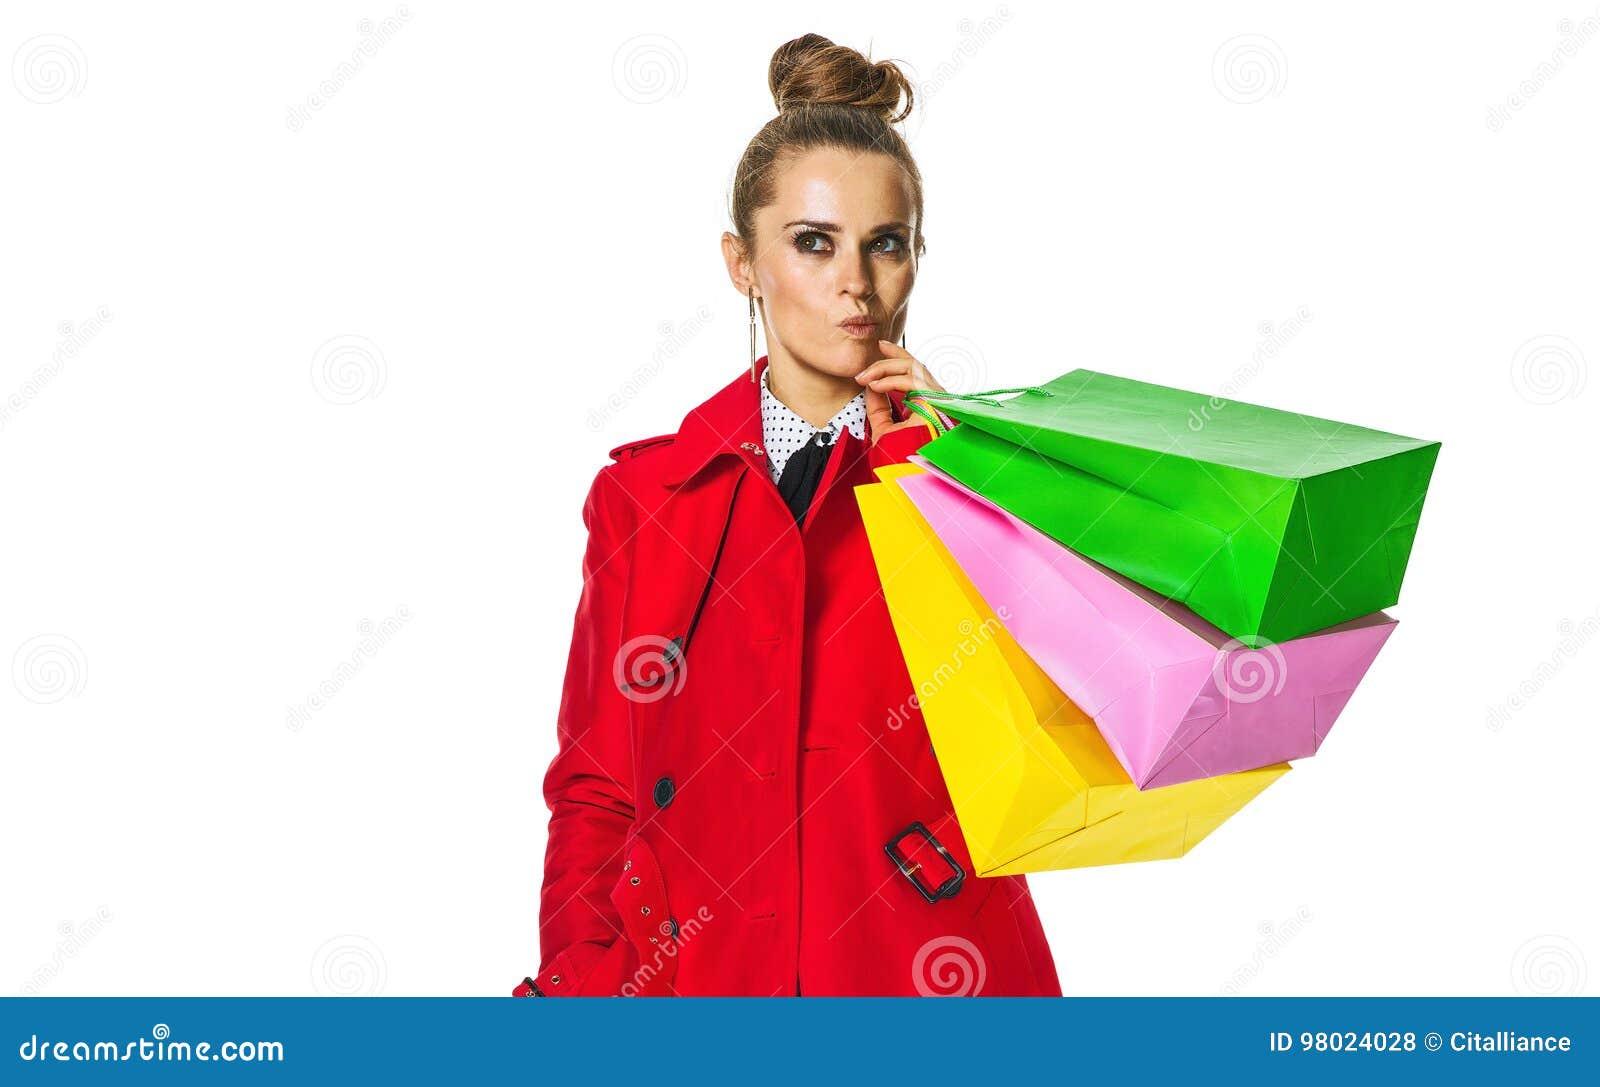 Nachdenkliche junge Frau im roten Mantel auf Weiß mit Einkaufstaschen